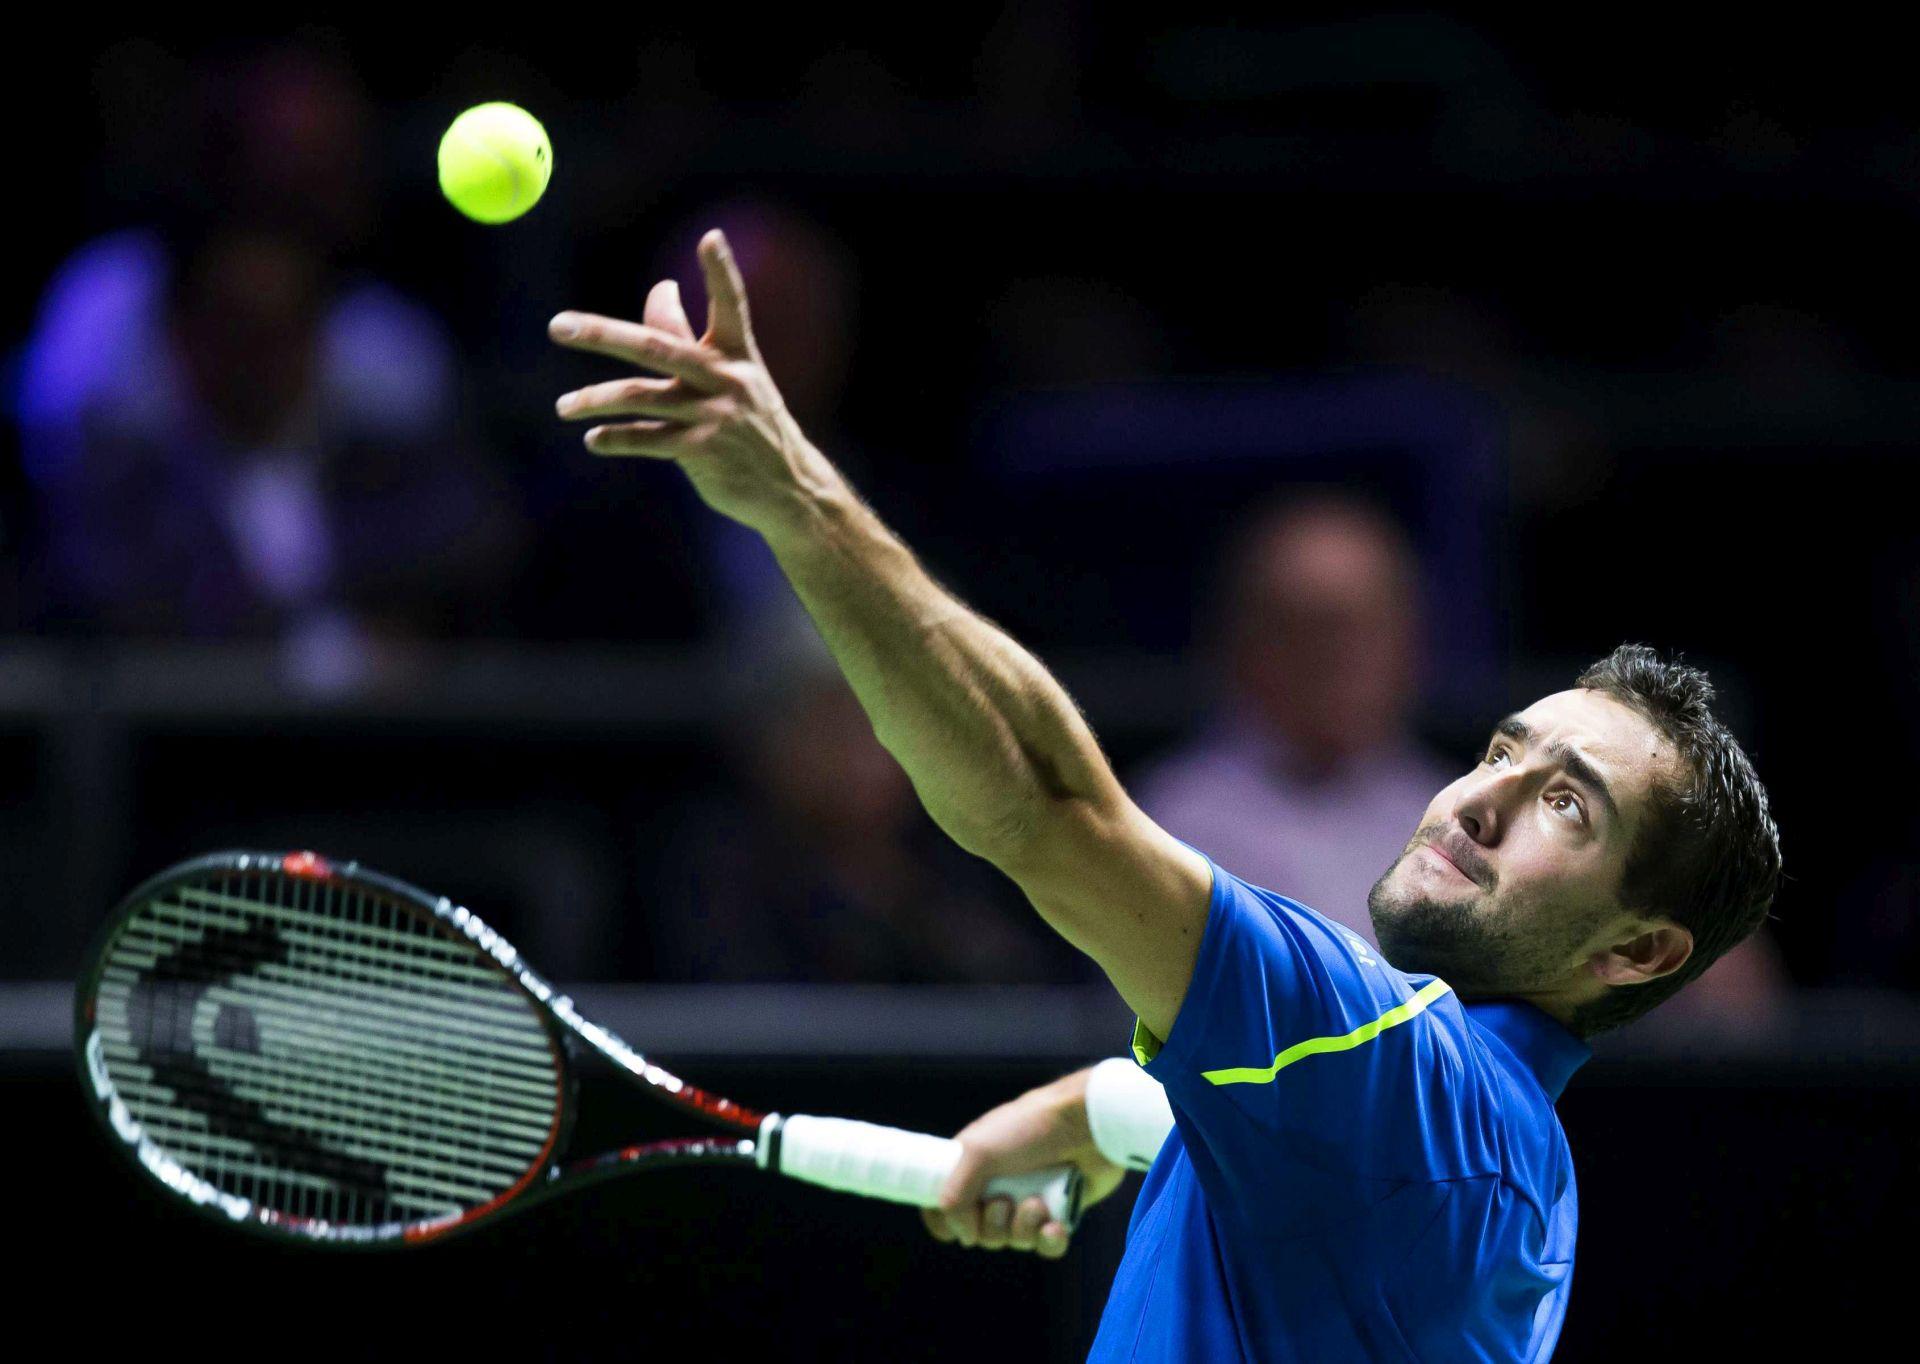 Davis Cup: Čilić kreće prvi, Škugor umjesto Draganje